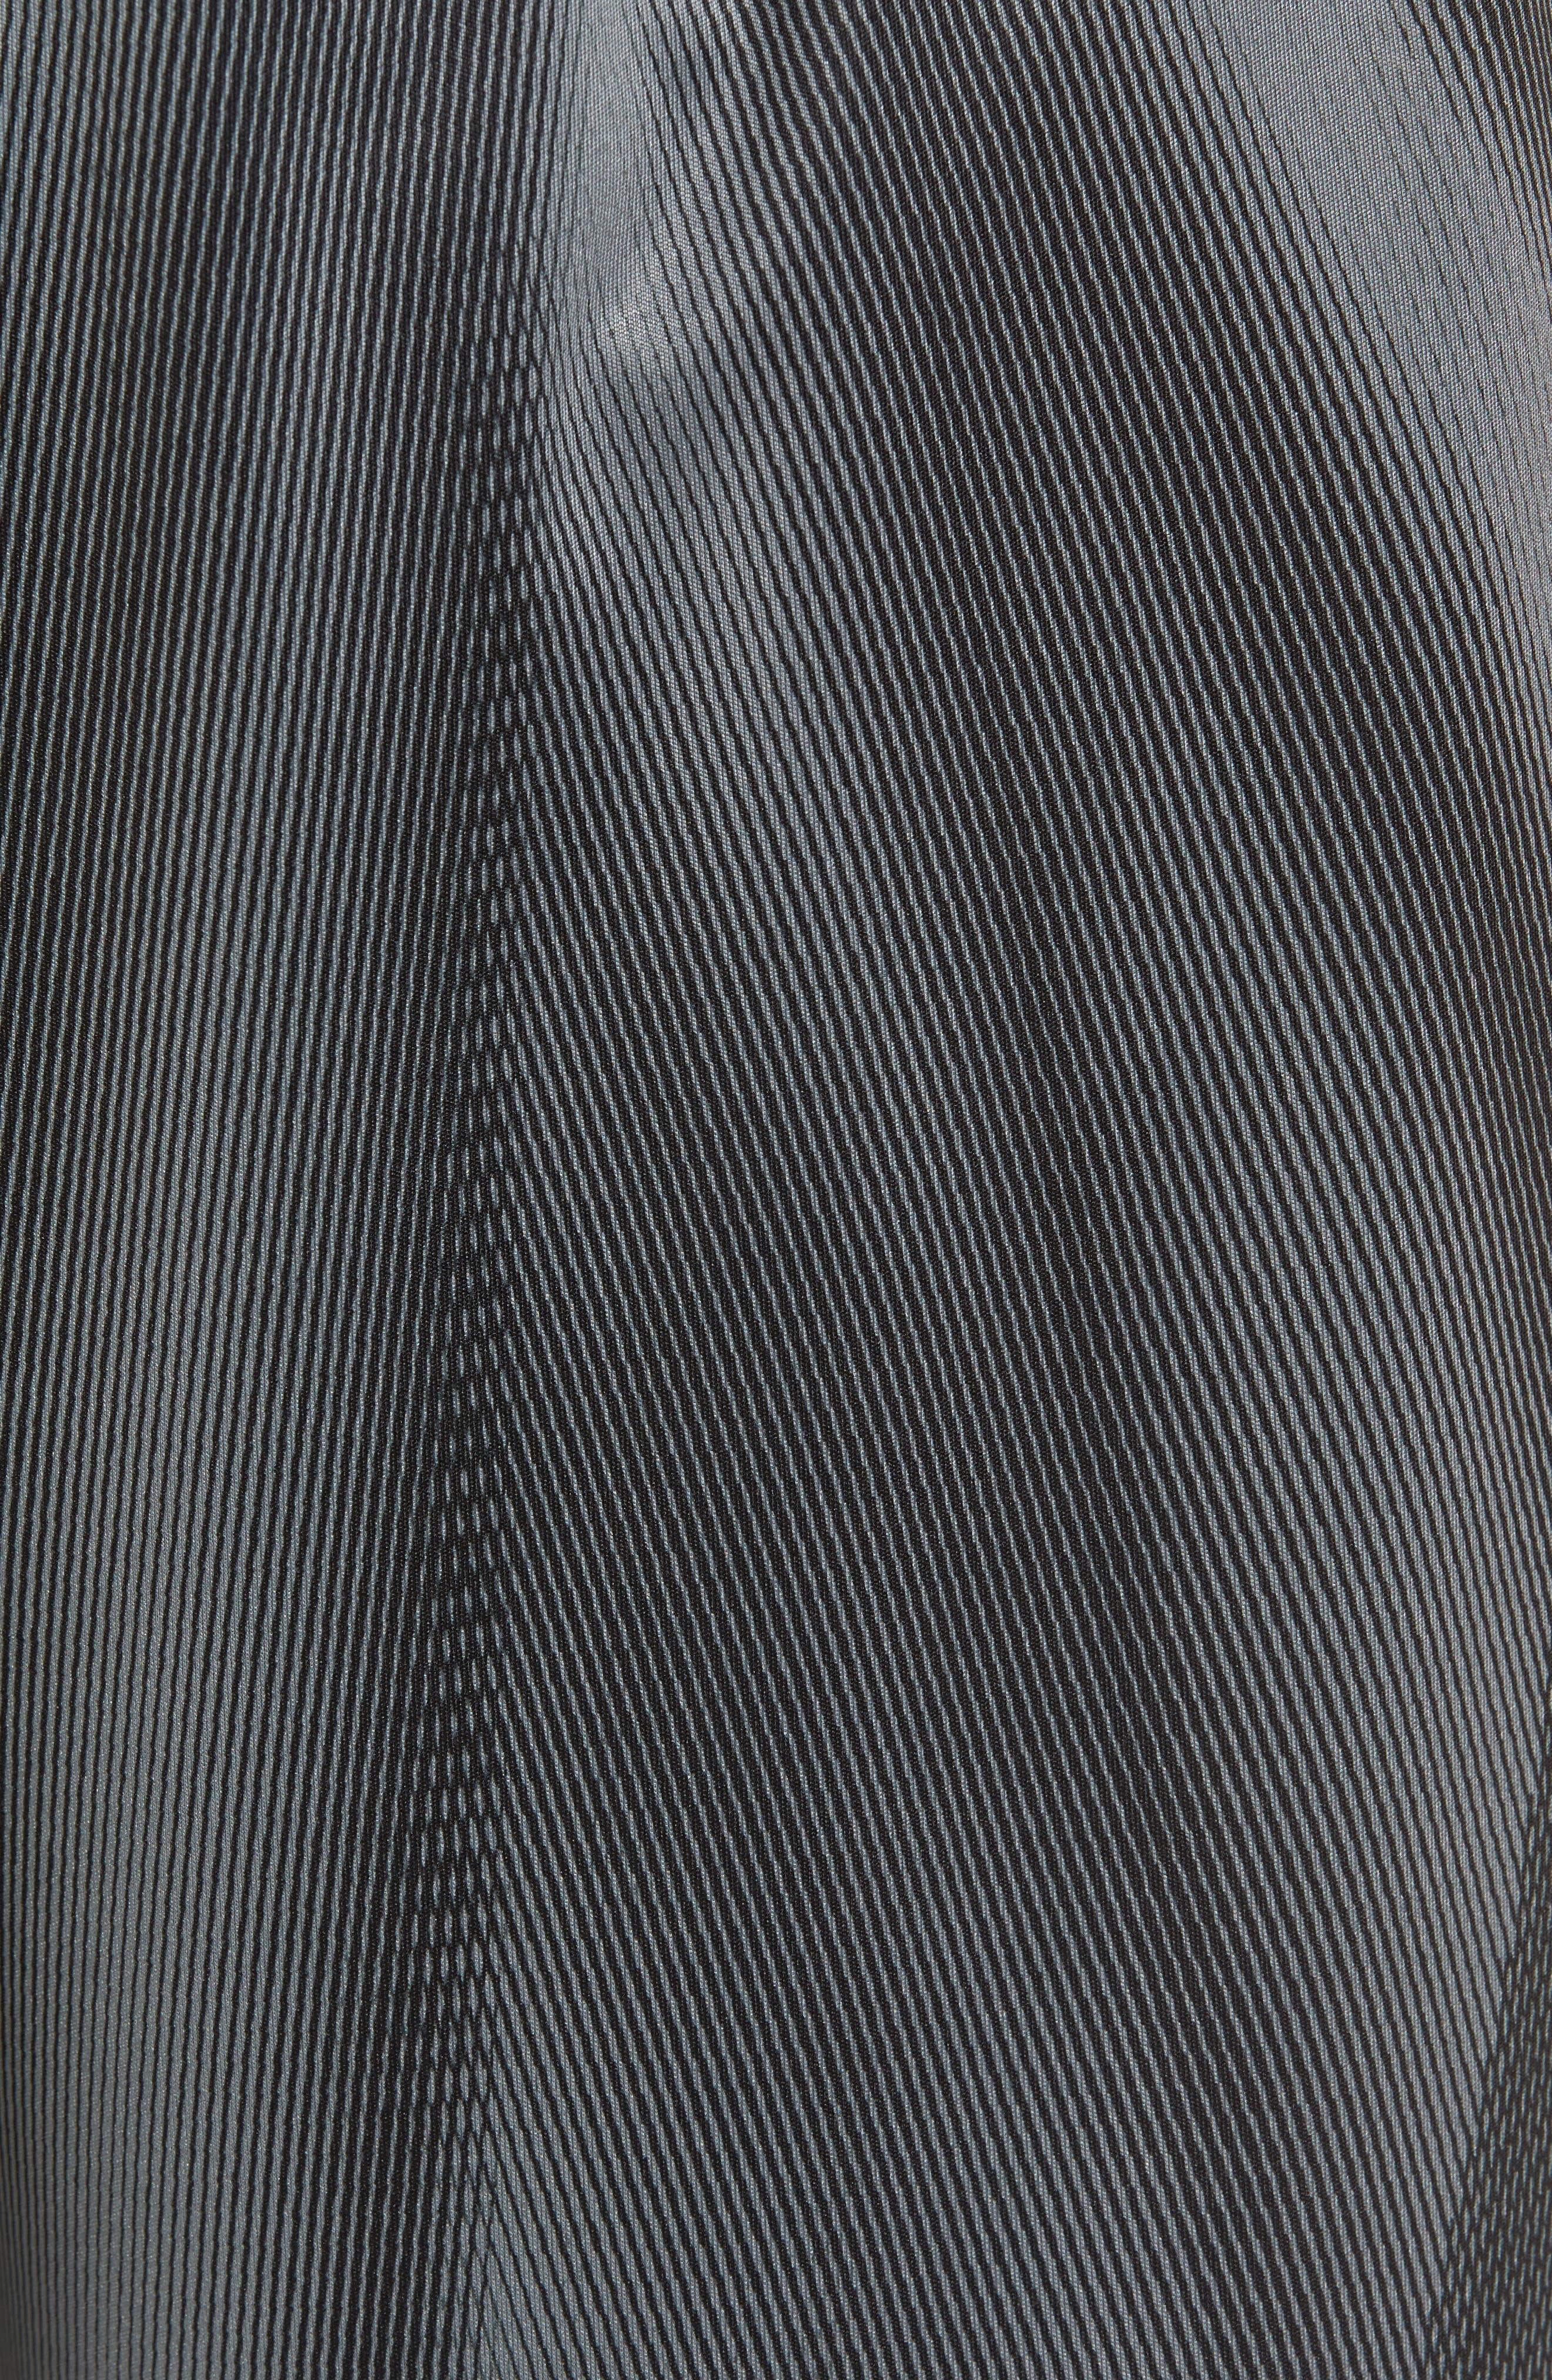 Dry Training Shorts,                             Alternate thumbnail 5, color,                             Black/ Black